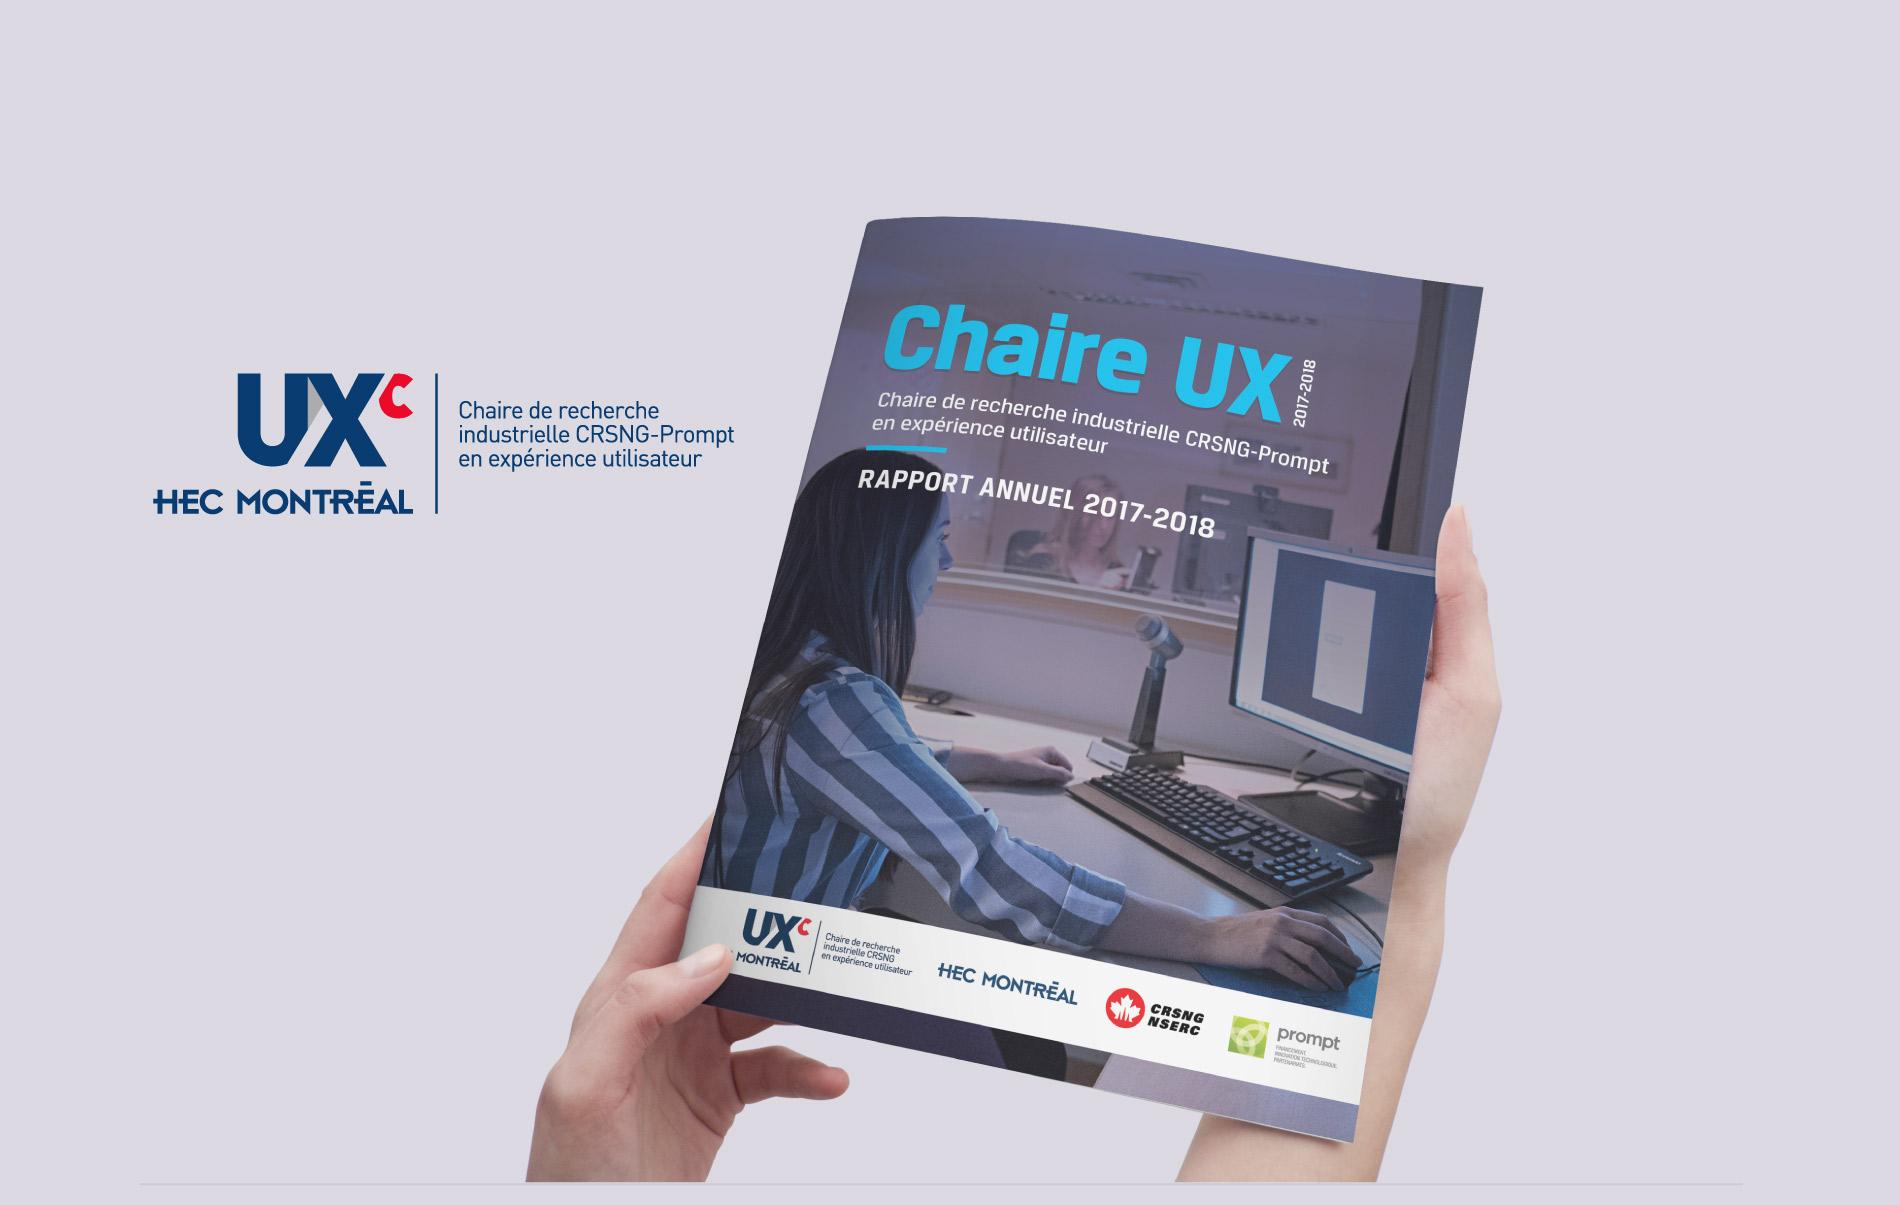 Conception du rapport annuel de la Chair UX de HEC Montréal